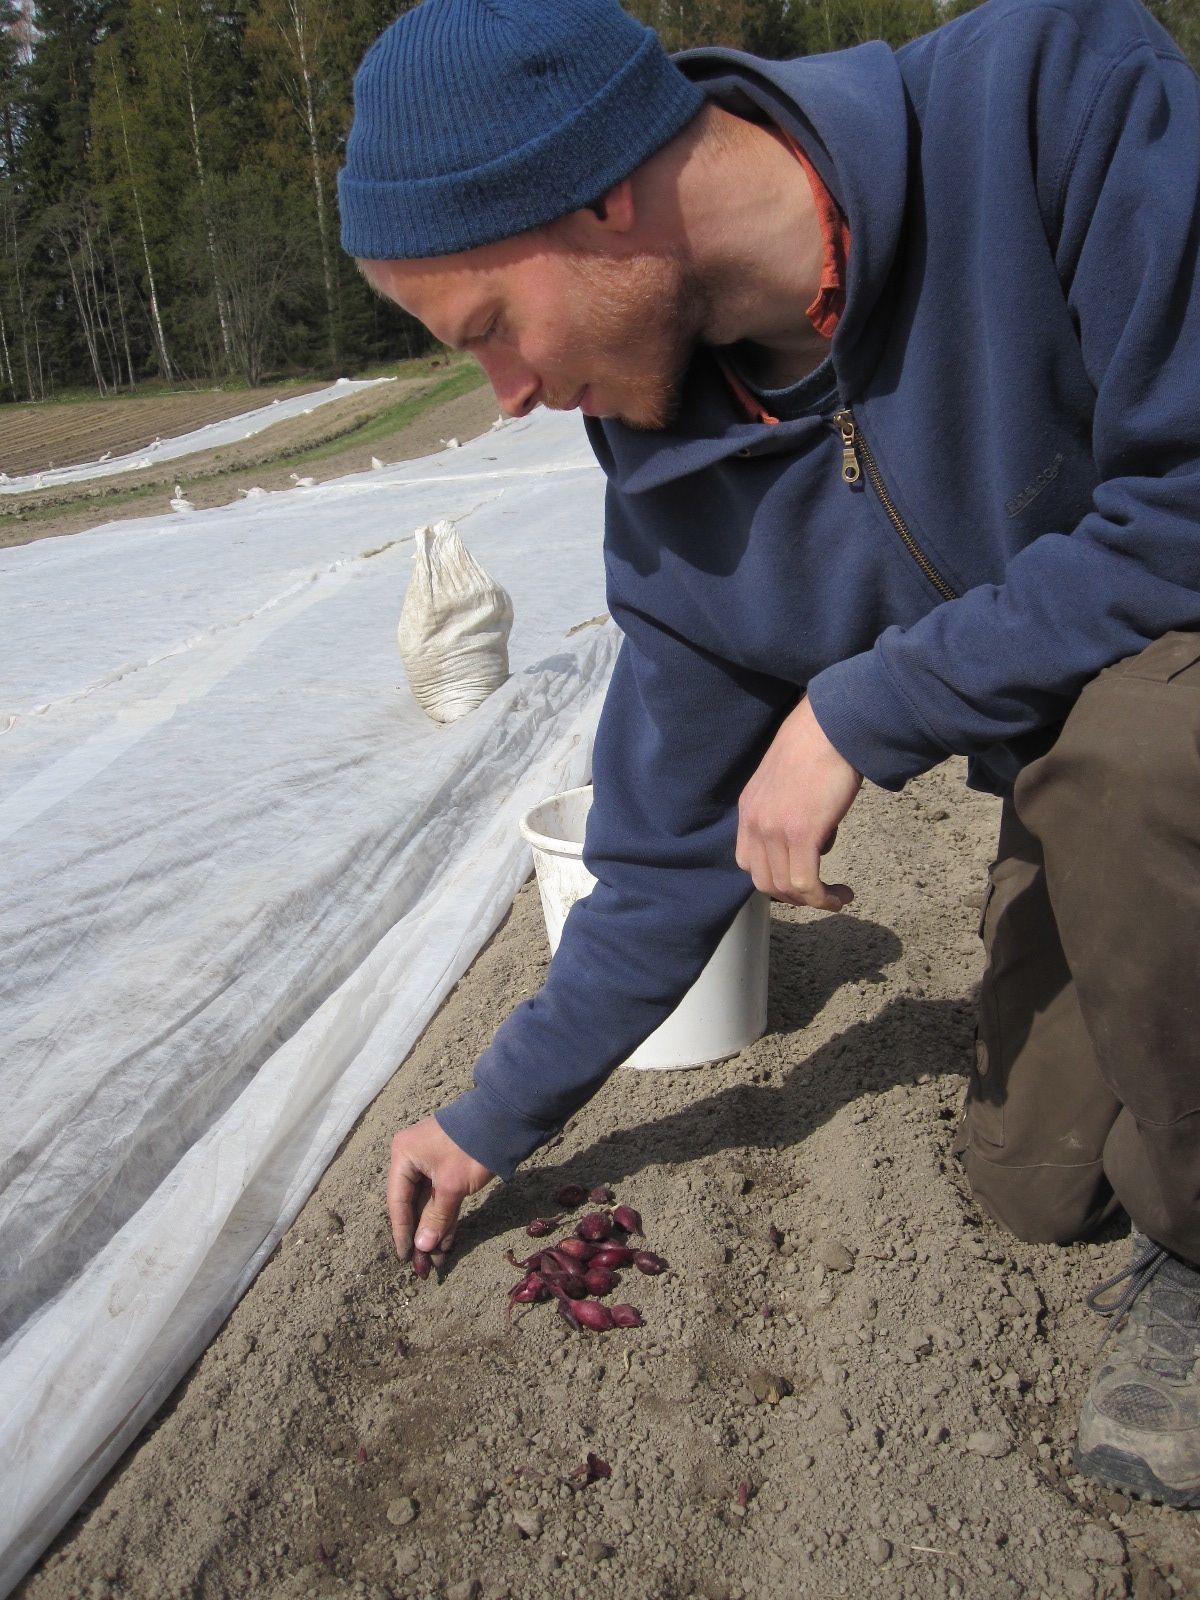 Harjoittelijamme Tomi istuttaa punasipulia